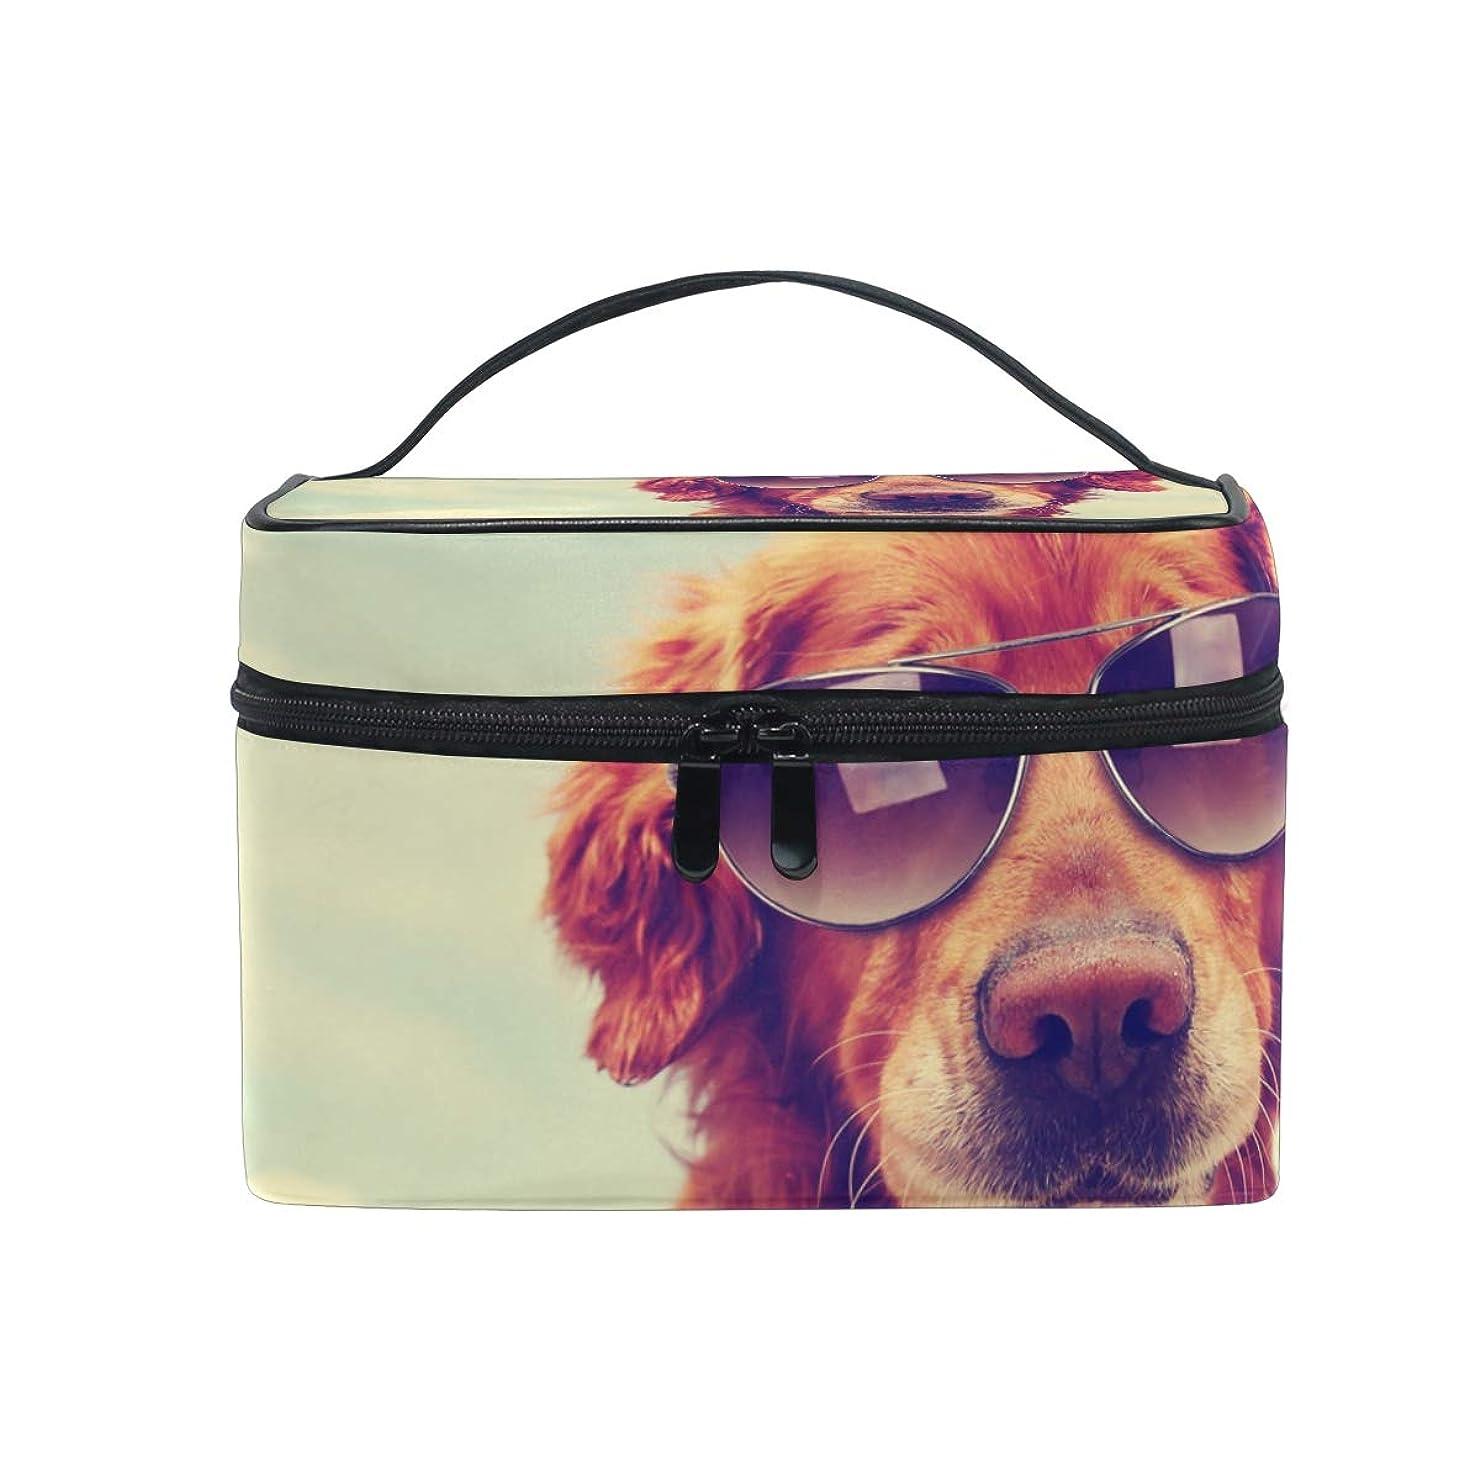 解決ジャベスウィルソンハッチUOOYA 犬柄 おしゃれ メイクボックス 大容量 持ち運び メイクポーチ 人気 小物入れ 通学 通勤 旅行用 プレゼント用